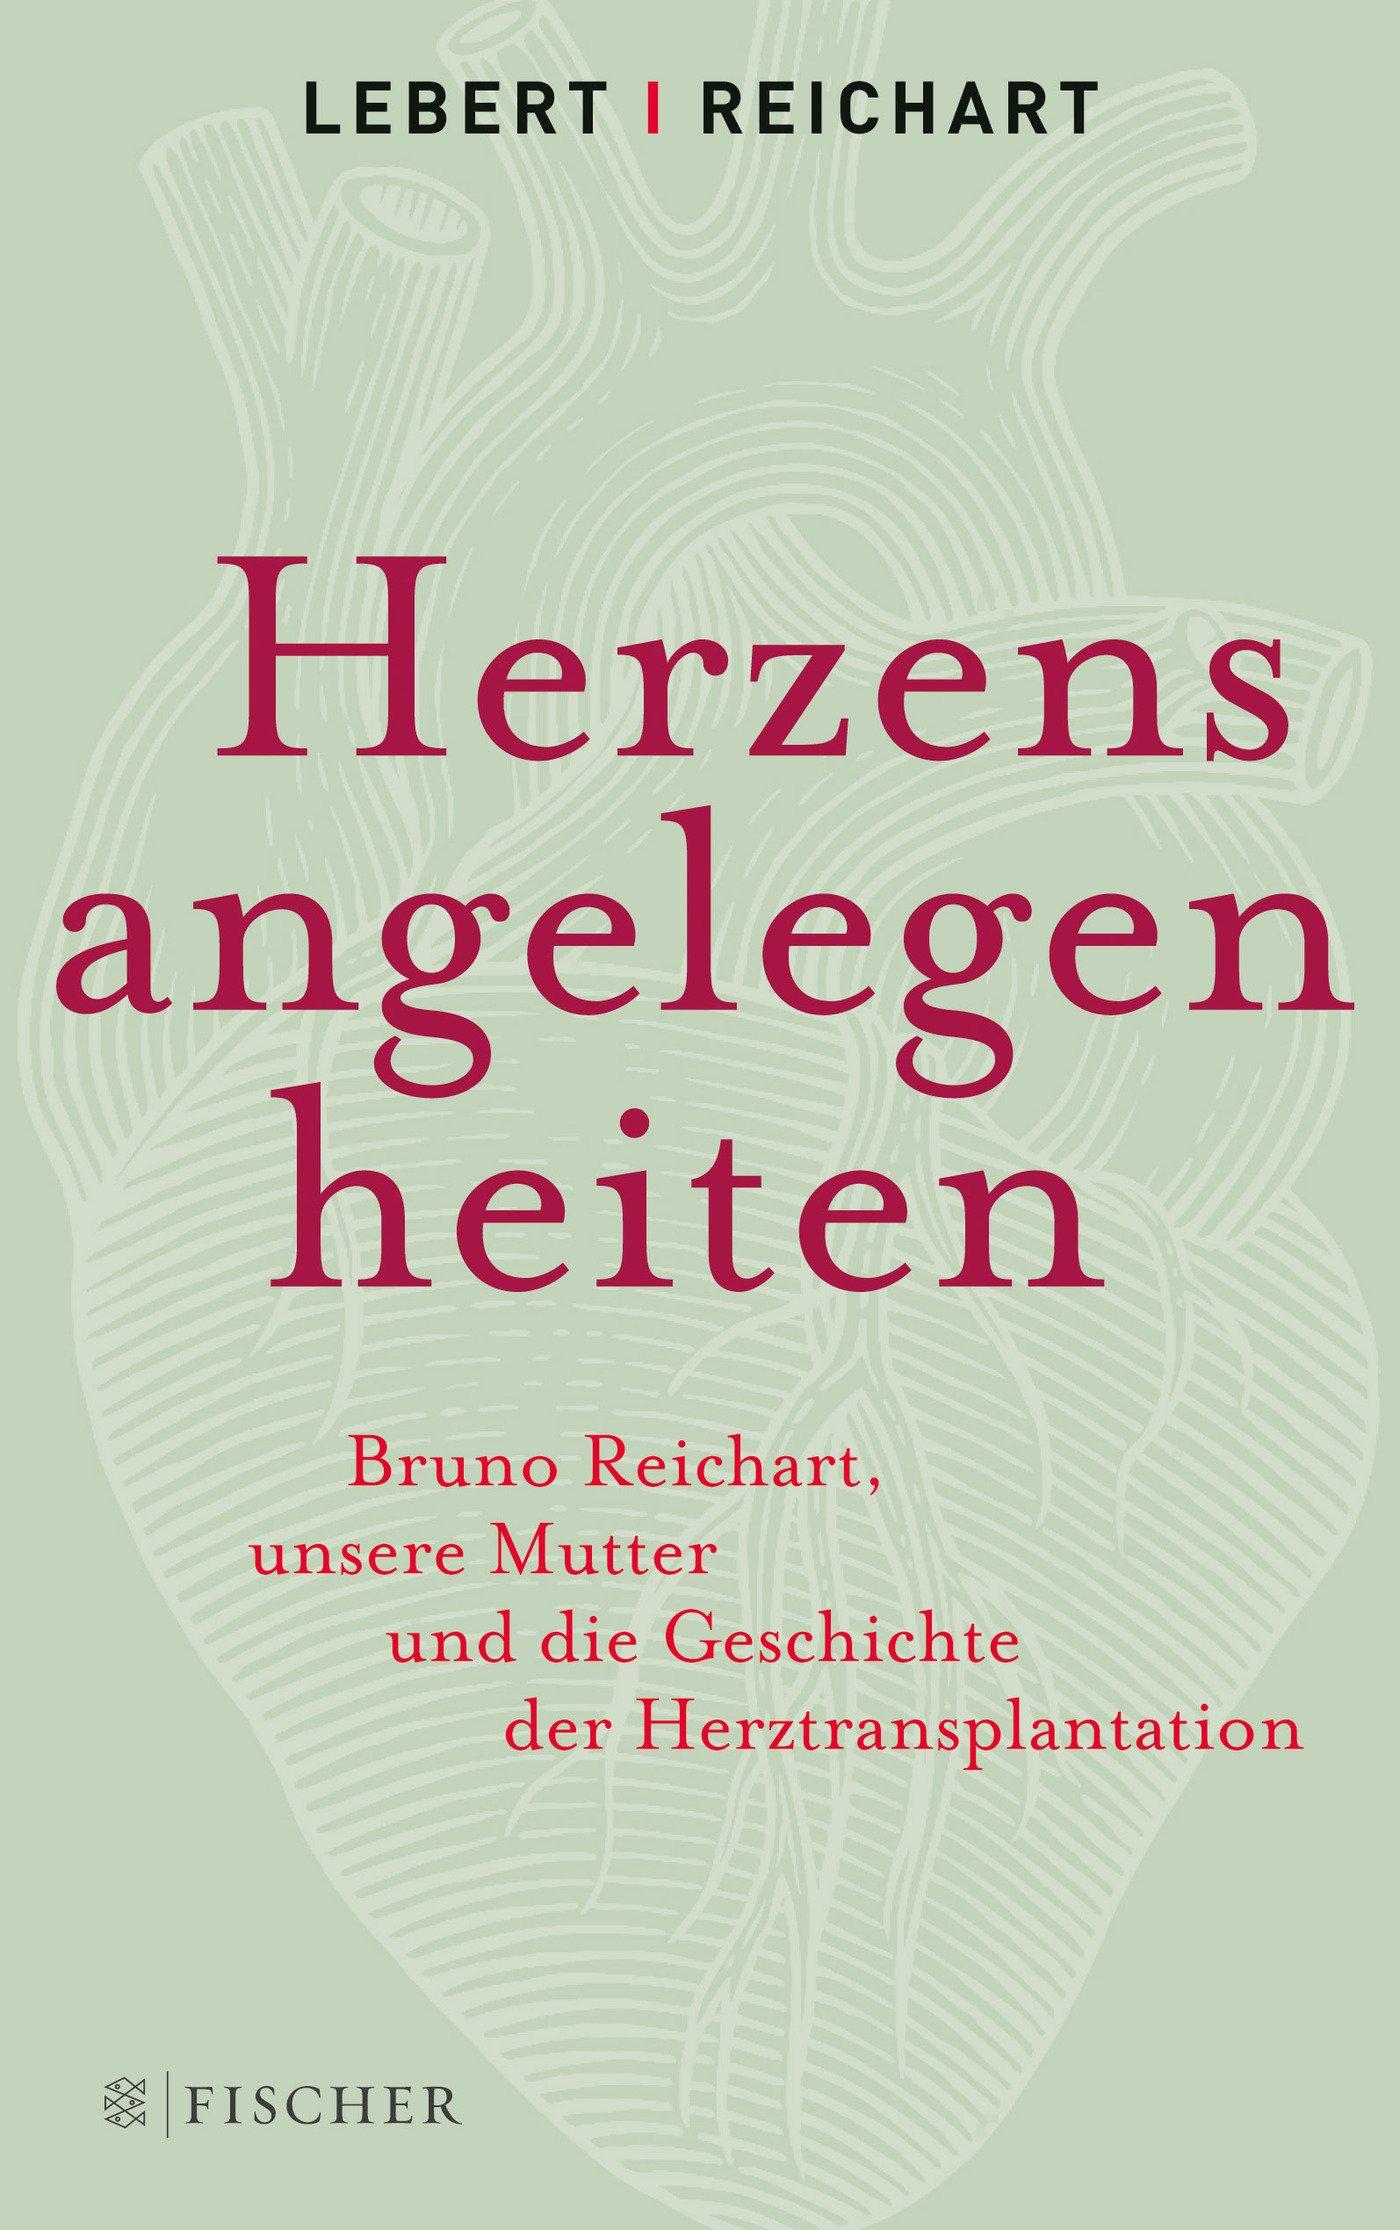 Herzensangelegenheiten: Bruno Reichart, unsere Mutter und die Geschichte der Herztransplantation